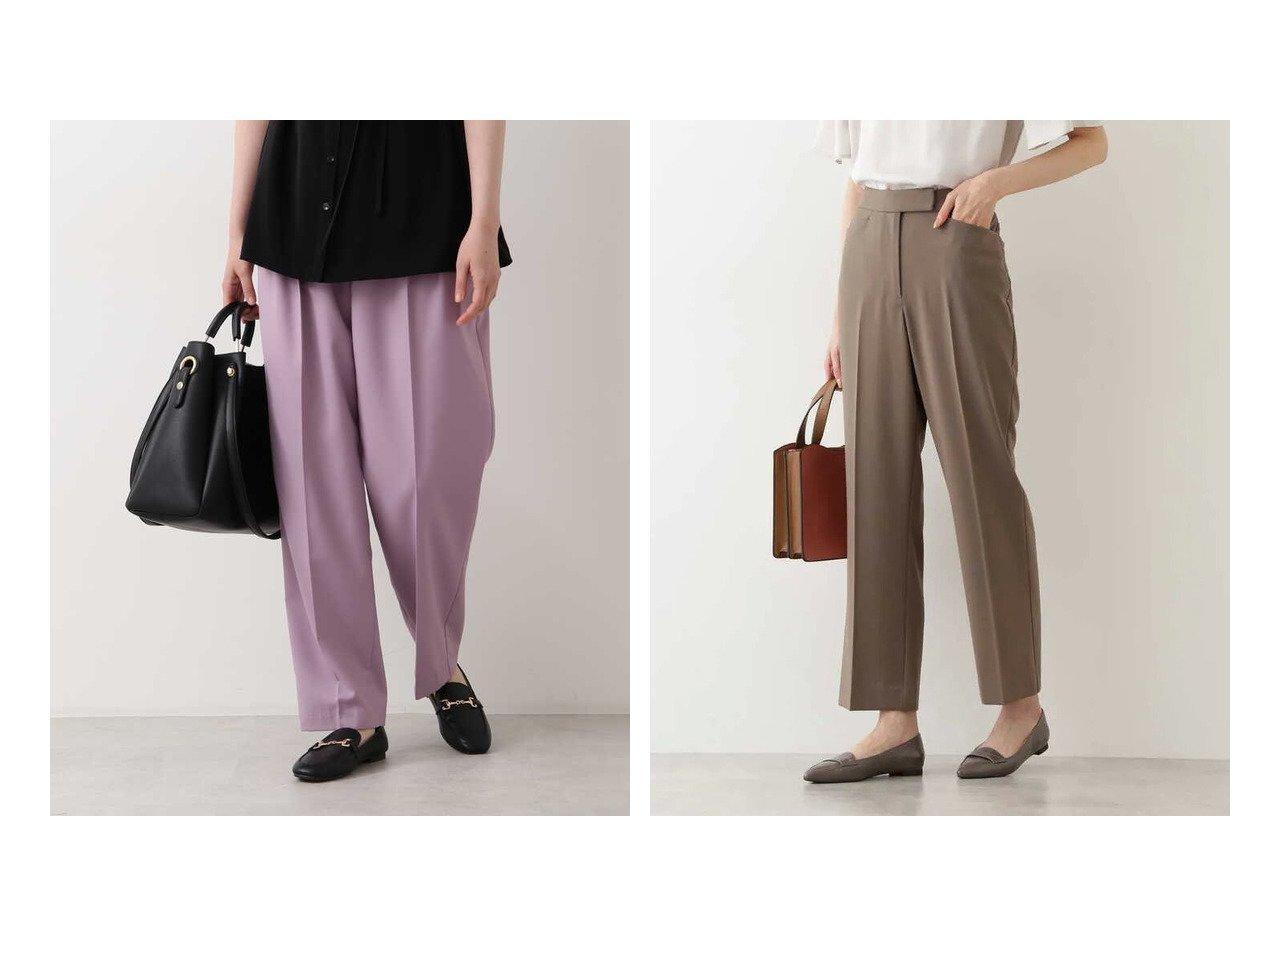 【NATURAL BEAUTY BASIC/ナチュラル ビューティー ベーシック】の洗える エッグシルエットパンツ&セミフレアパンツ 【パンツ】おすすめ!人気、トレンド・レディースファッションの通販 おすすめで人気の流行・トレンド、ファッションの通販商品 インテリア・家具・メンズファッション・キッズファッション・レディースファッション・服の通販 founy(ファニー) https://founy.com/ ファッション Fashion レディースファッション WOMEN パンツ Pants センター ダブル 洗える トレンド フィット |ID:crp329100000059149